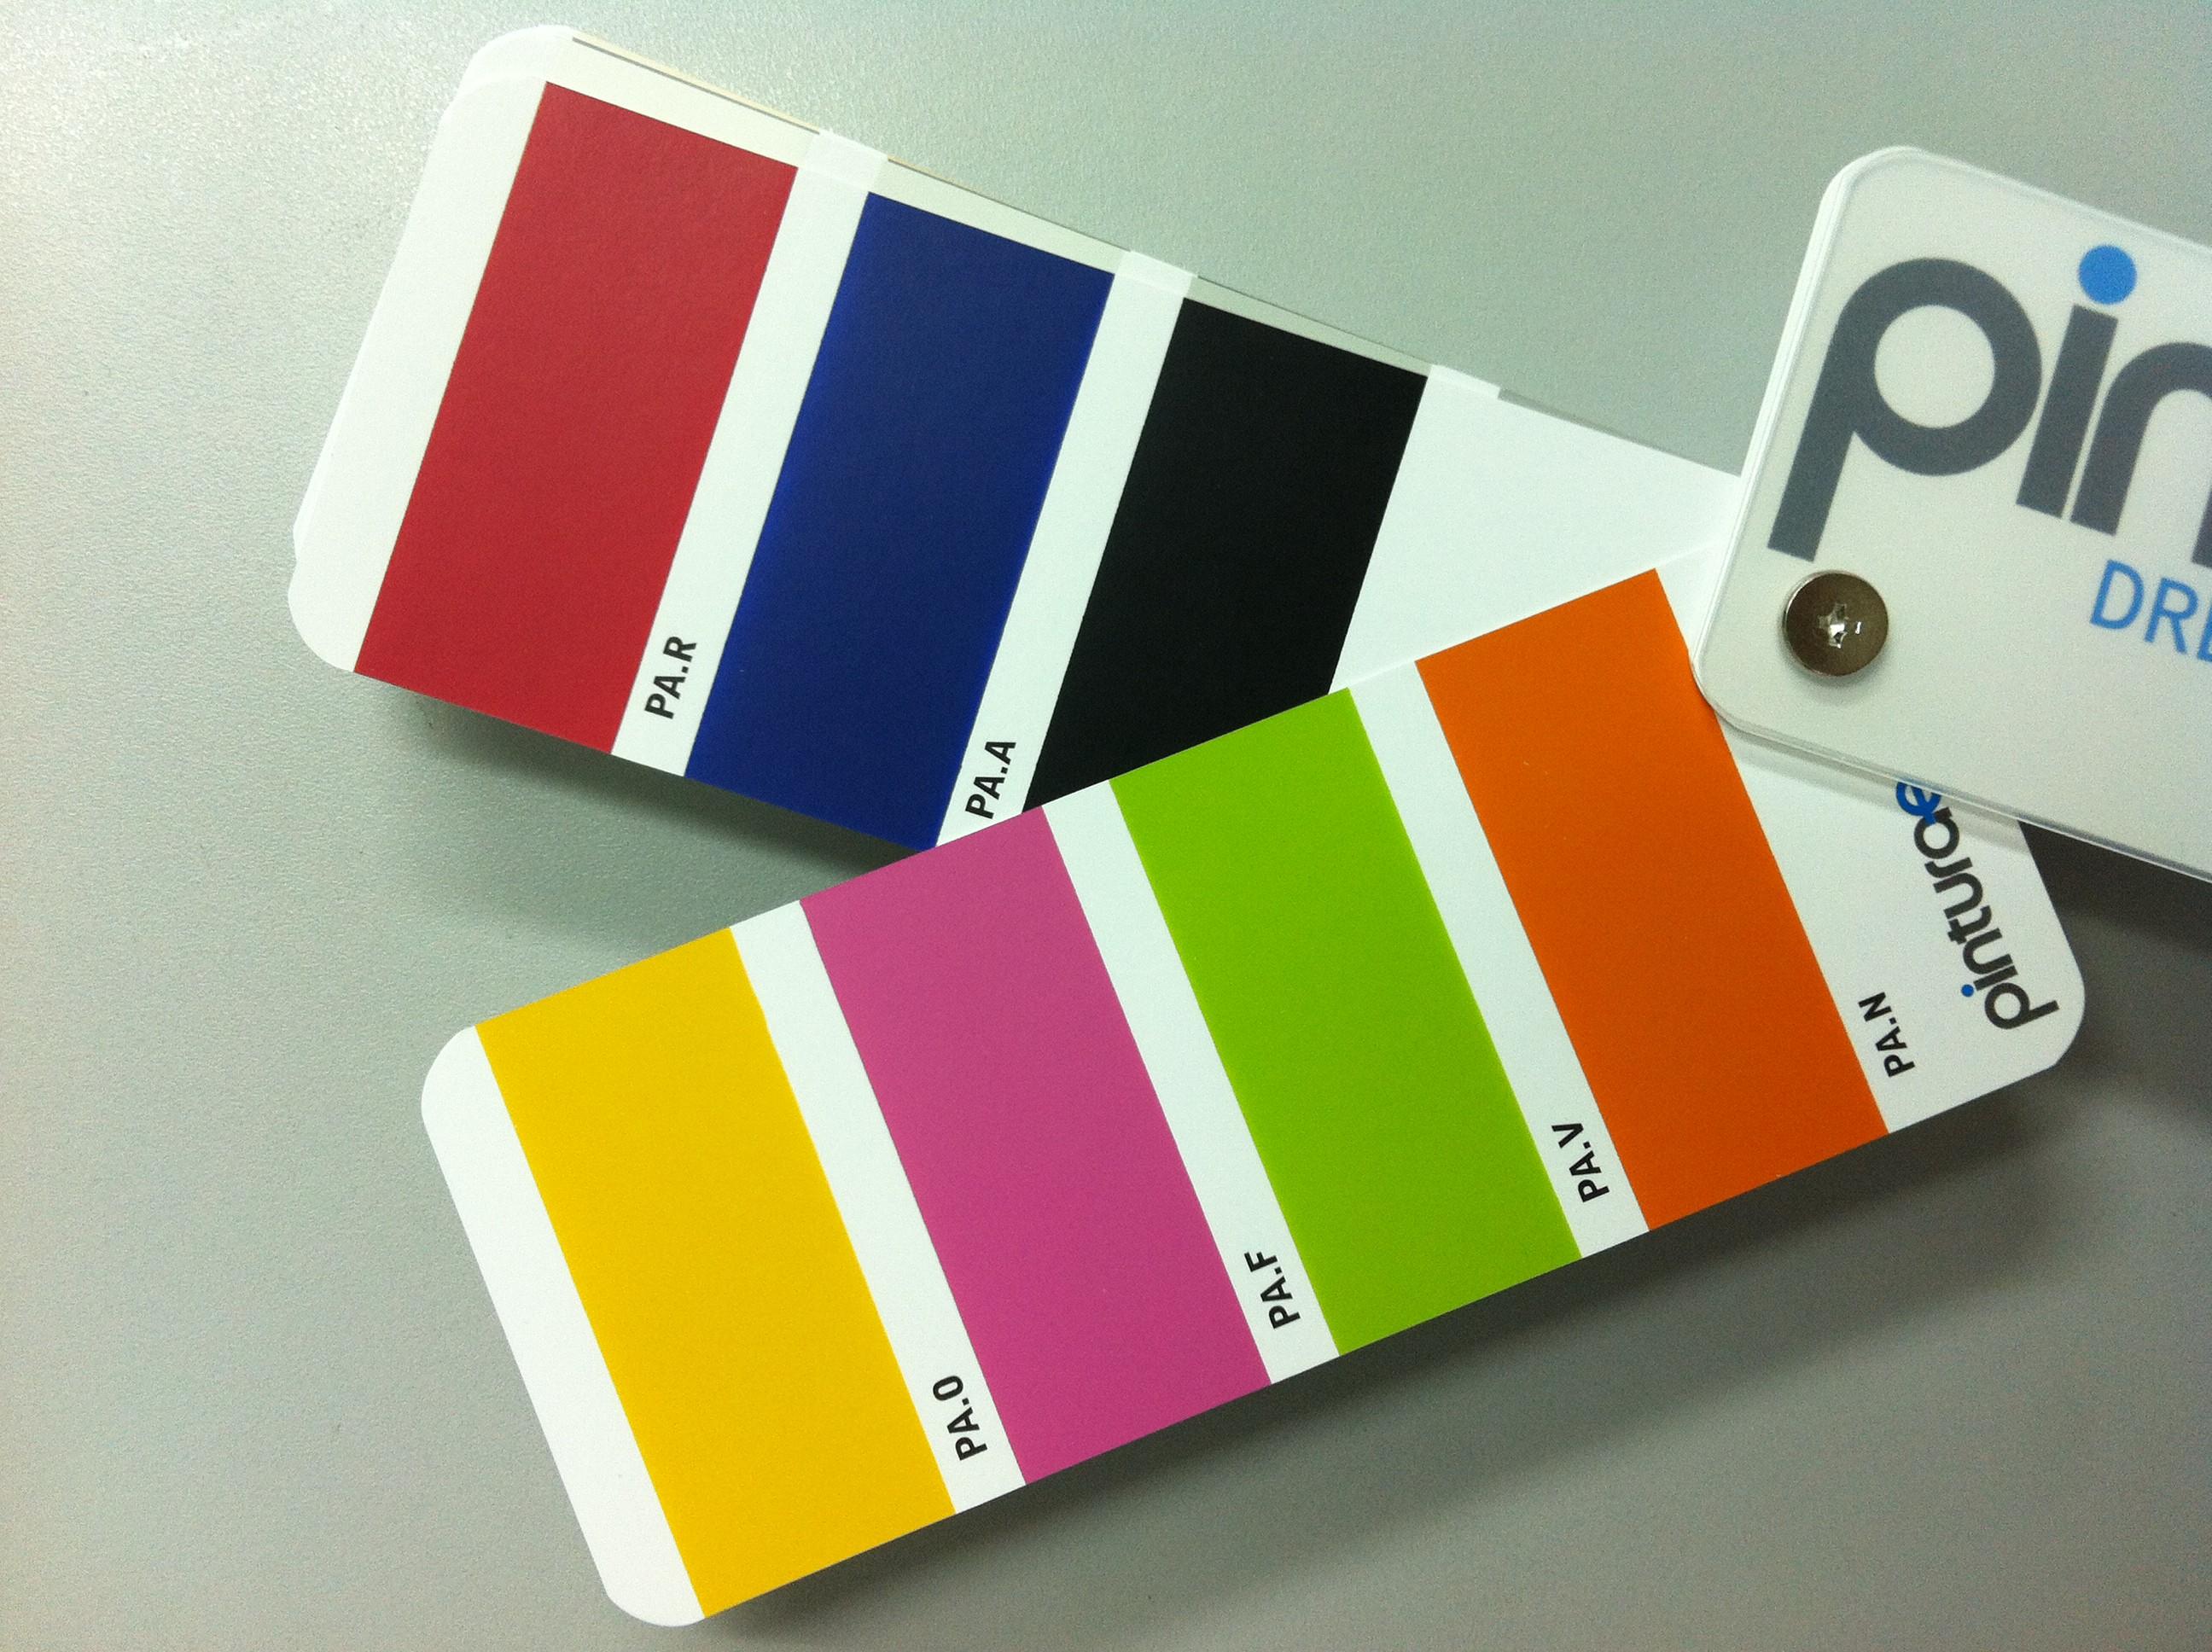 Carta de colores pintura carta de colores para paredes - Carta colores pintura pared ...